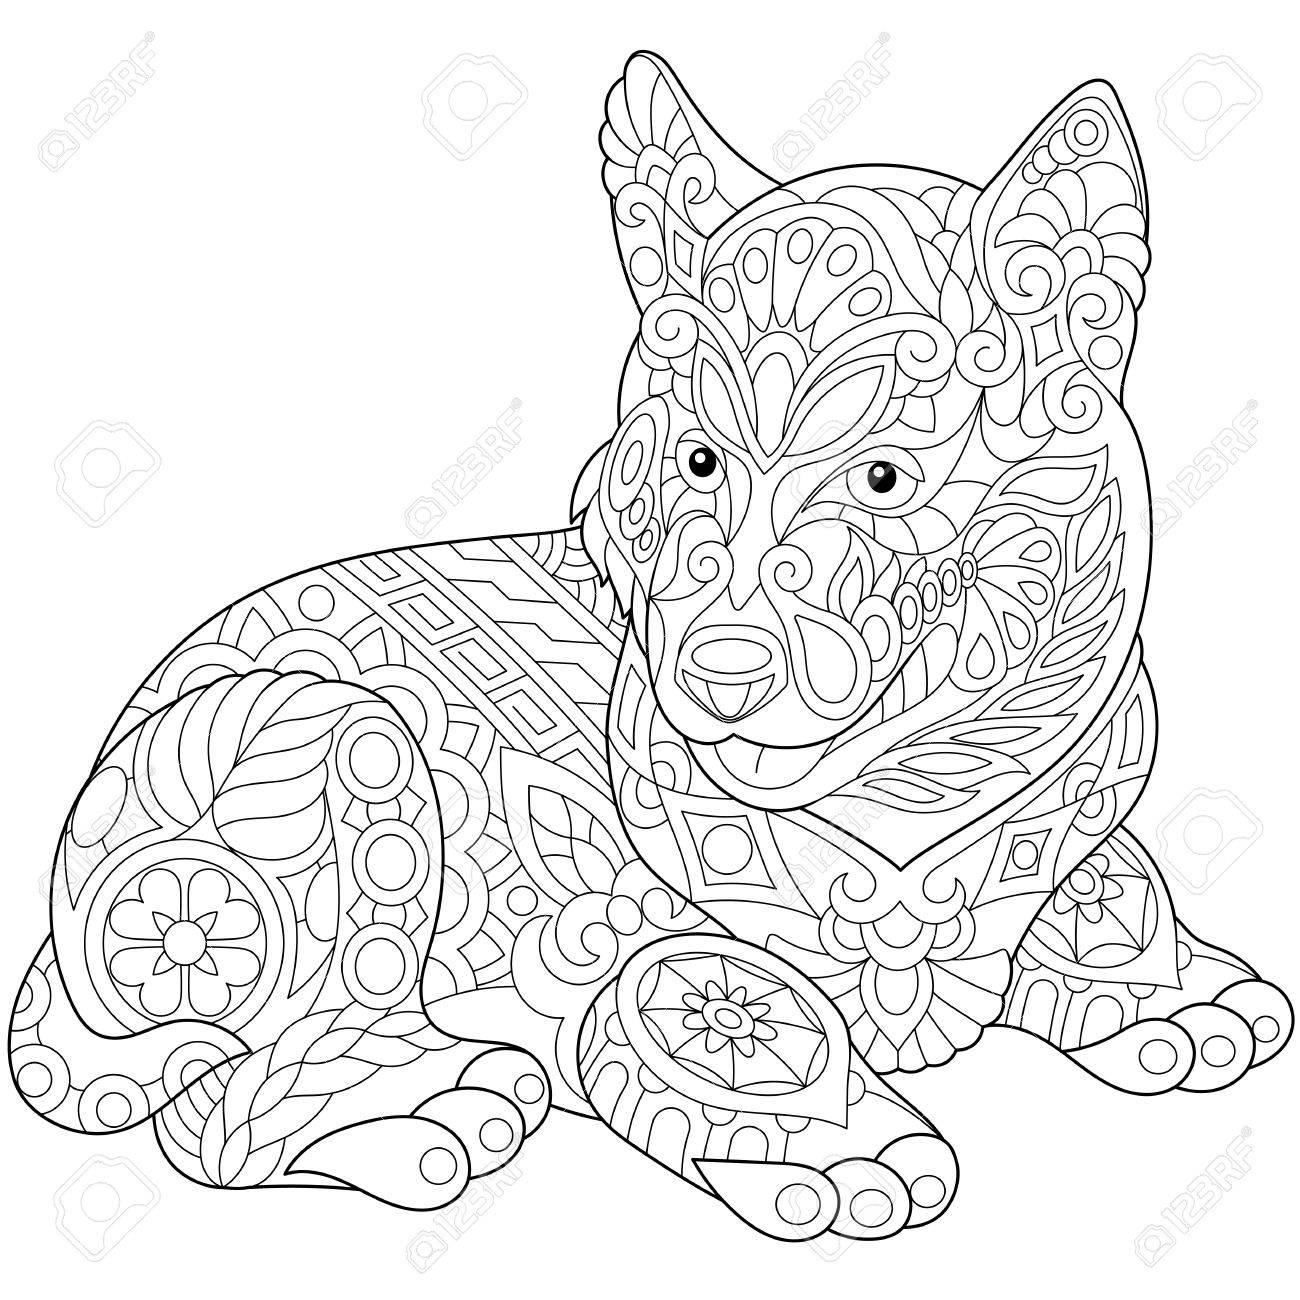 Perro Husky Lindo Estilizado (perrito). Boceto A Mano Alzada Para ...